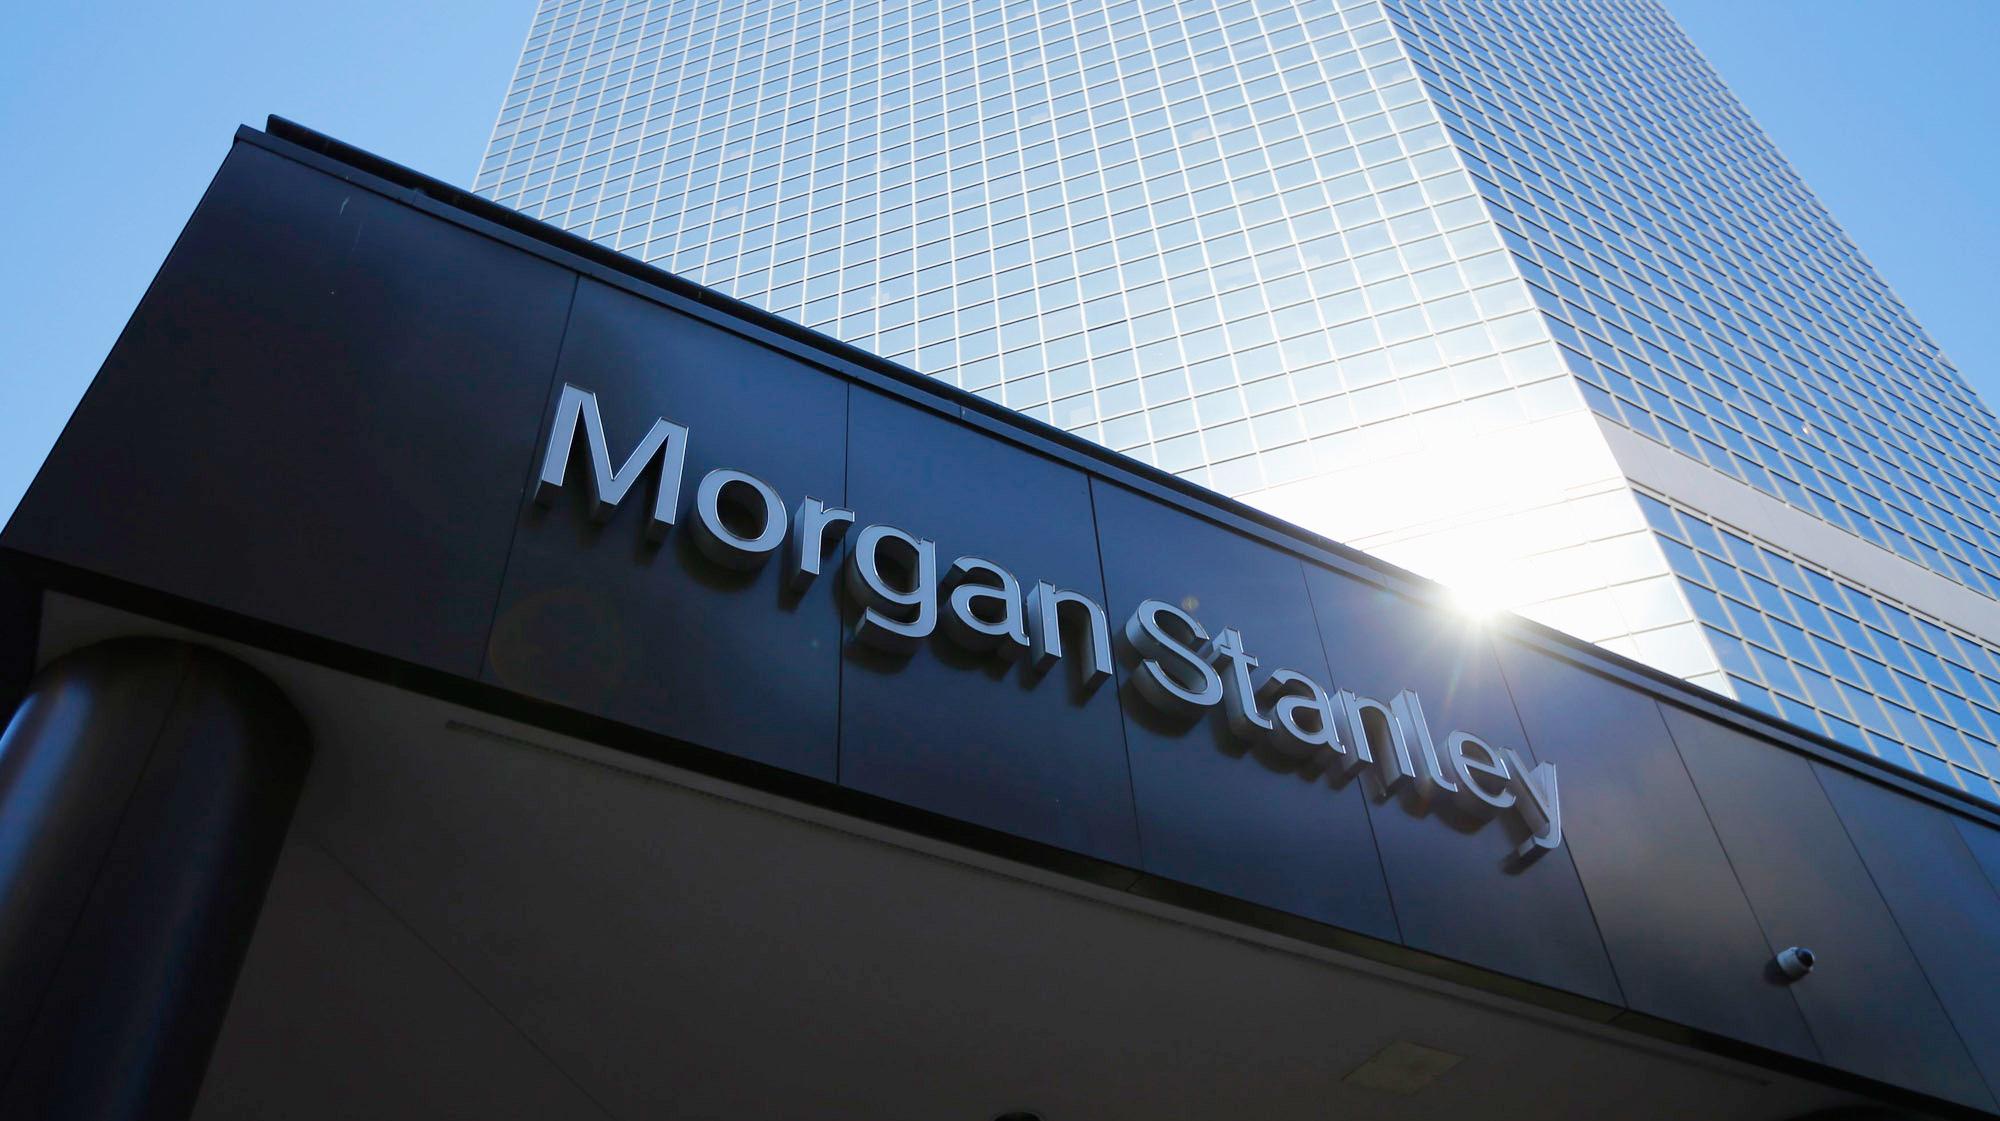 yatirim-bankalari-kuresel-ekonomideki-resesyon-bekliyor